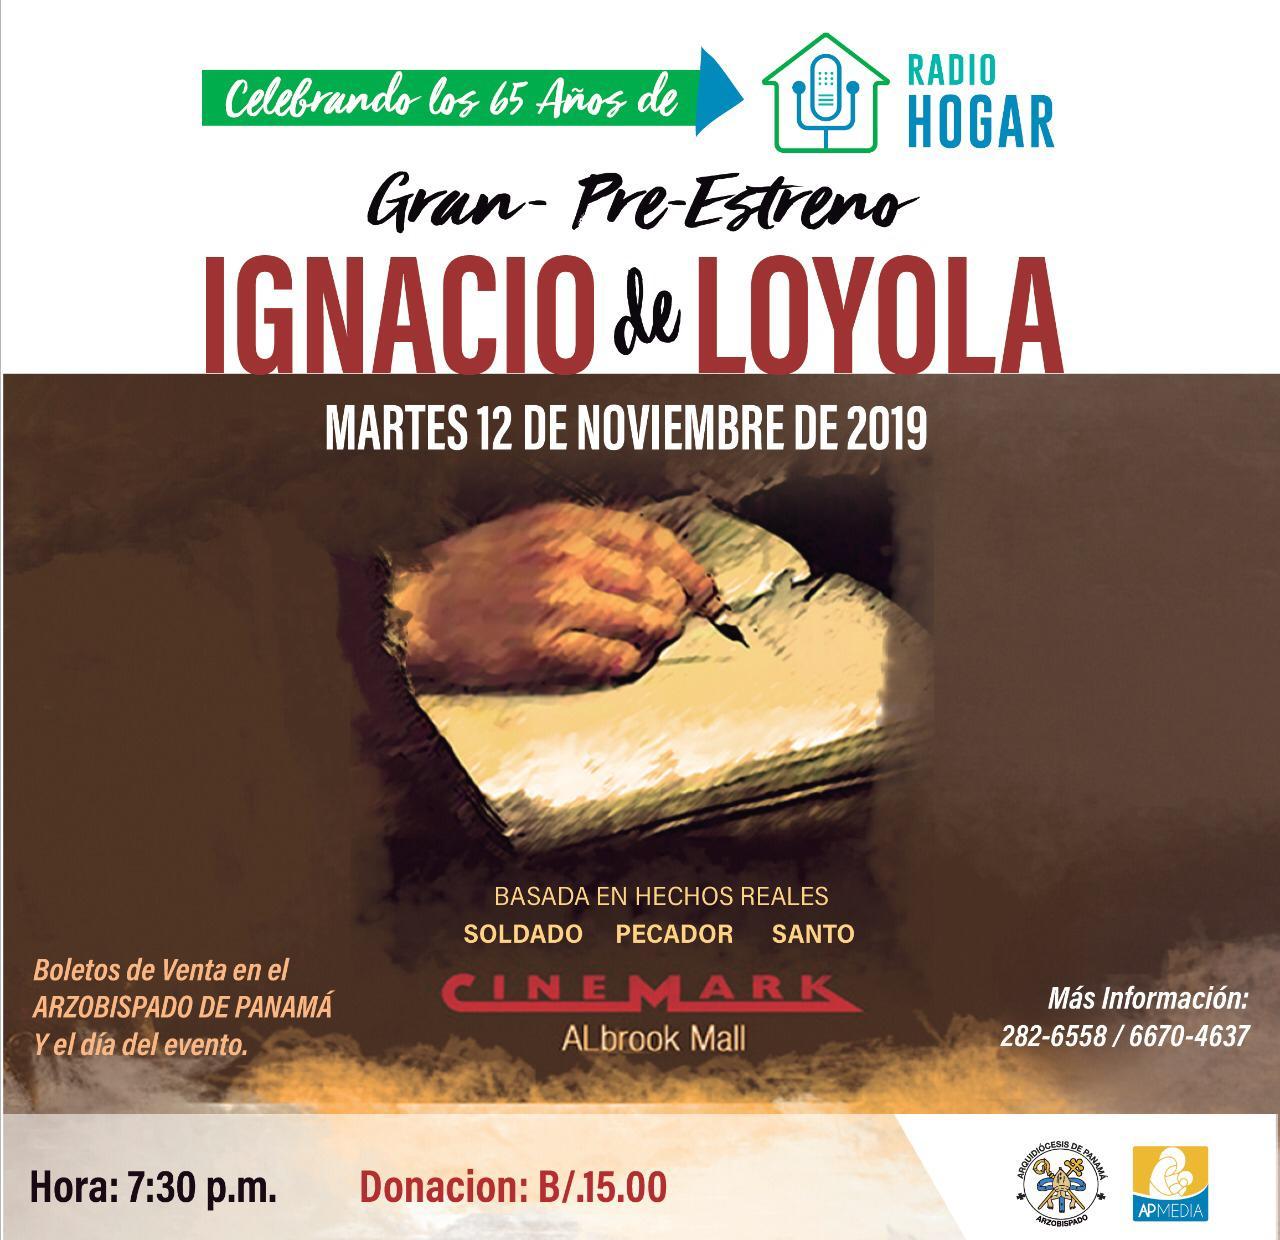 """Por aniversario de Radio Hogar, pre estreno de la película """"Ignacio de Loyola, Soldado- Predicador- Santo"""""""